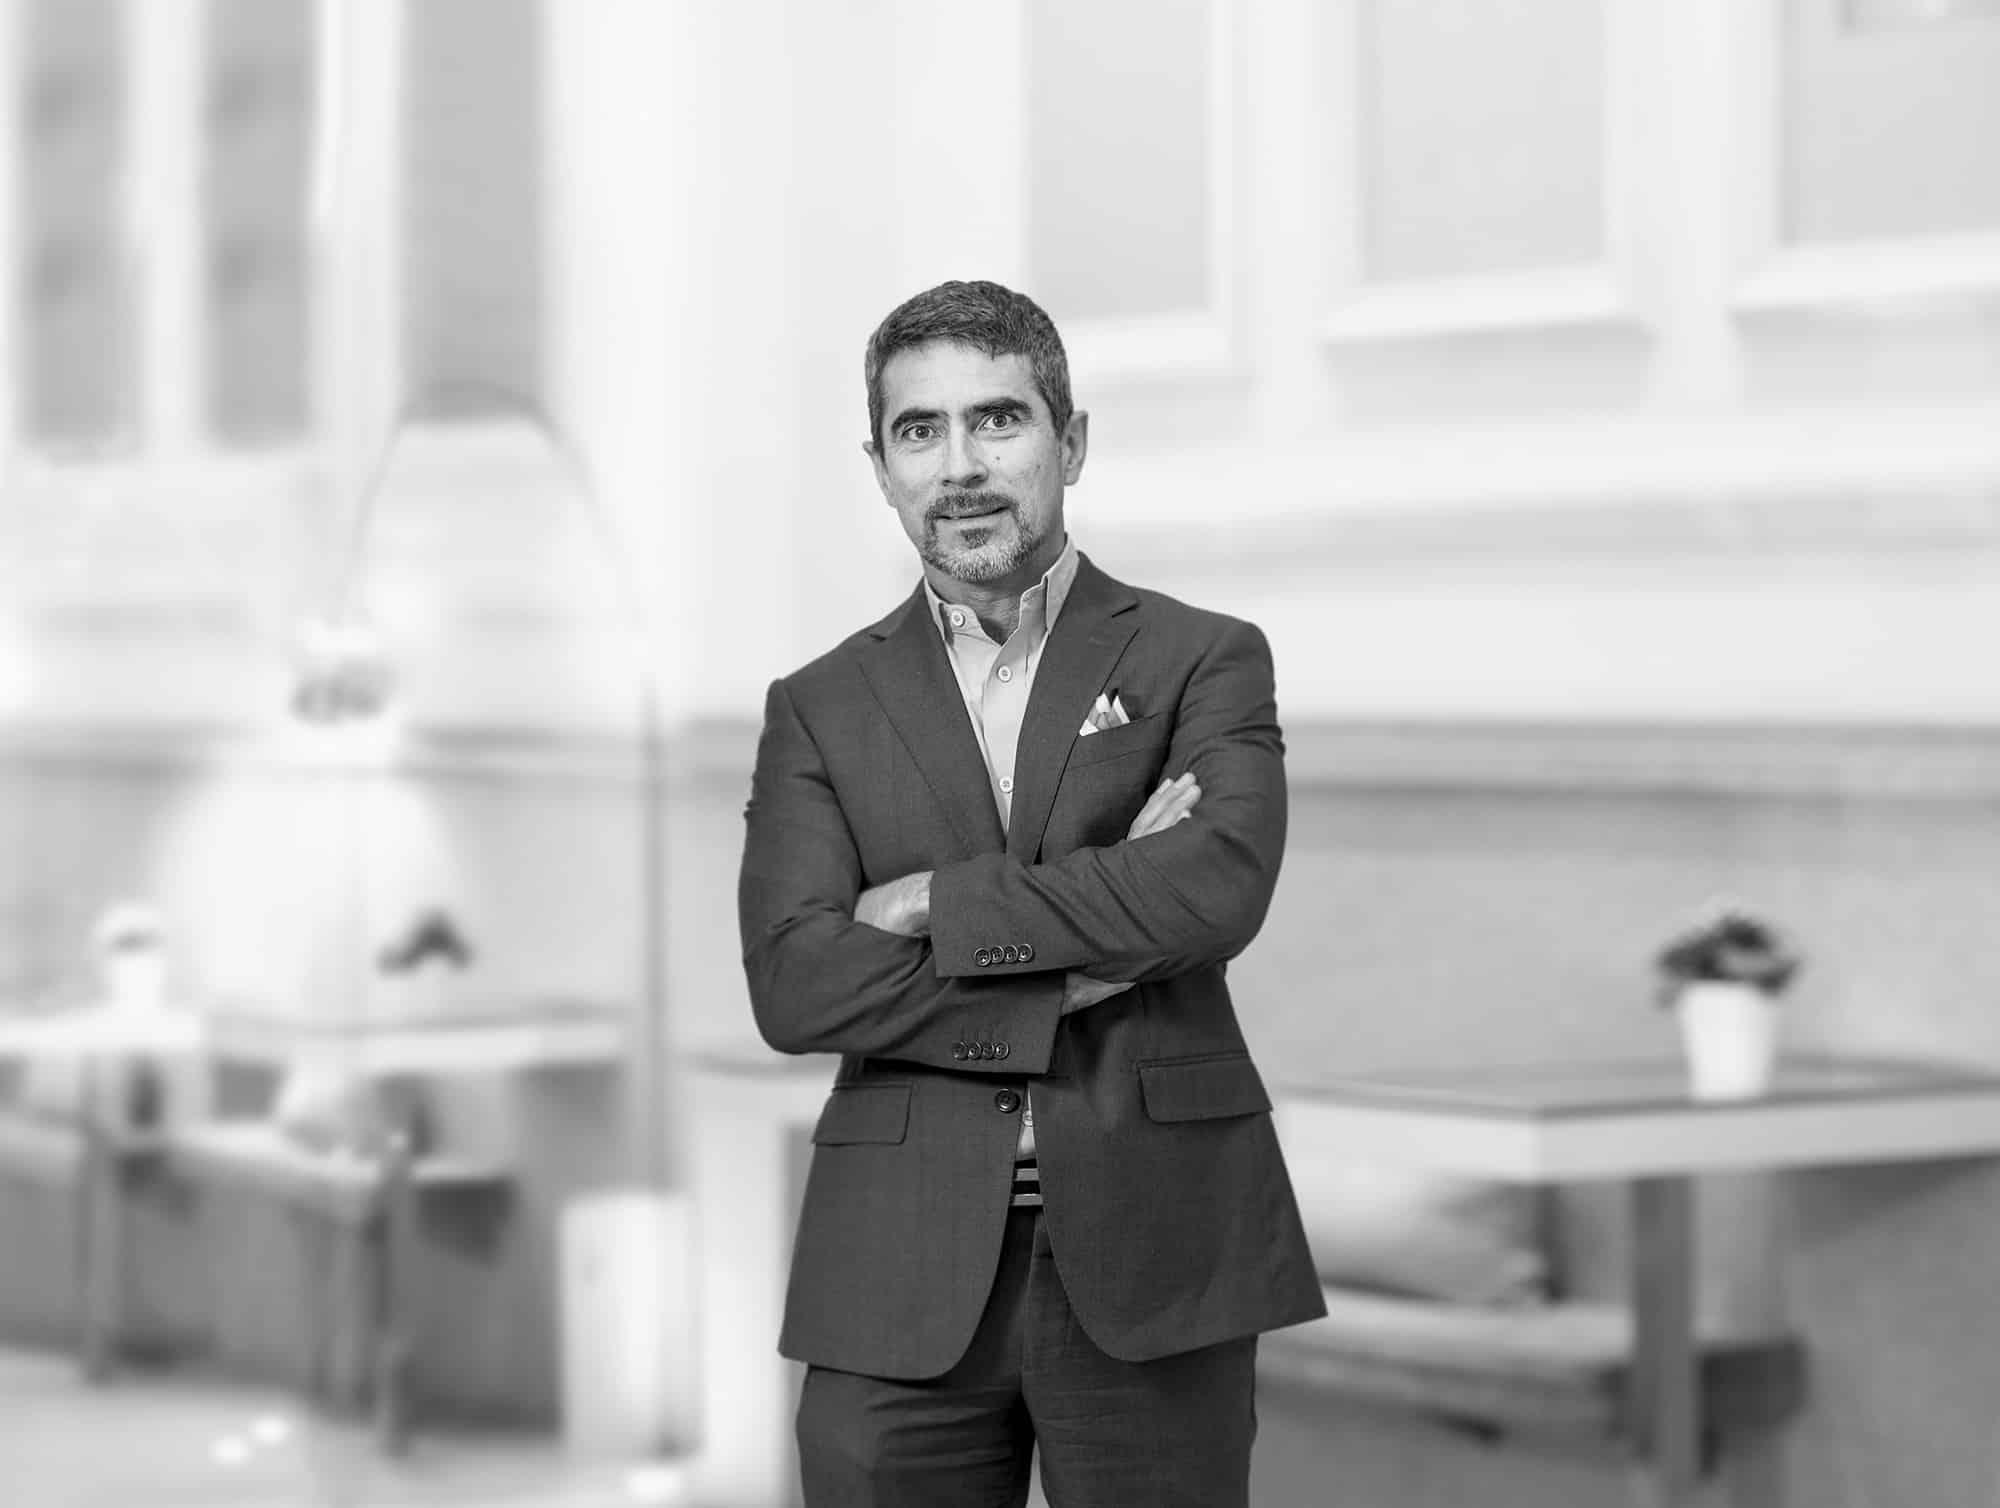 Corporativo abogados José Villaescusa Producciones y Daniel Haro fotografía